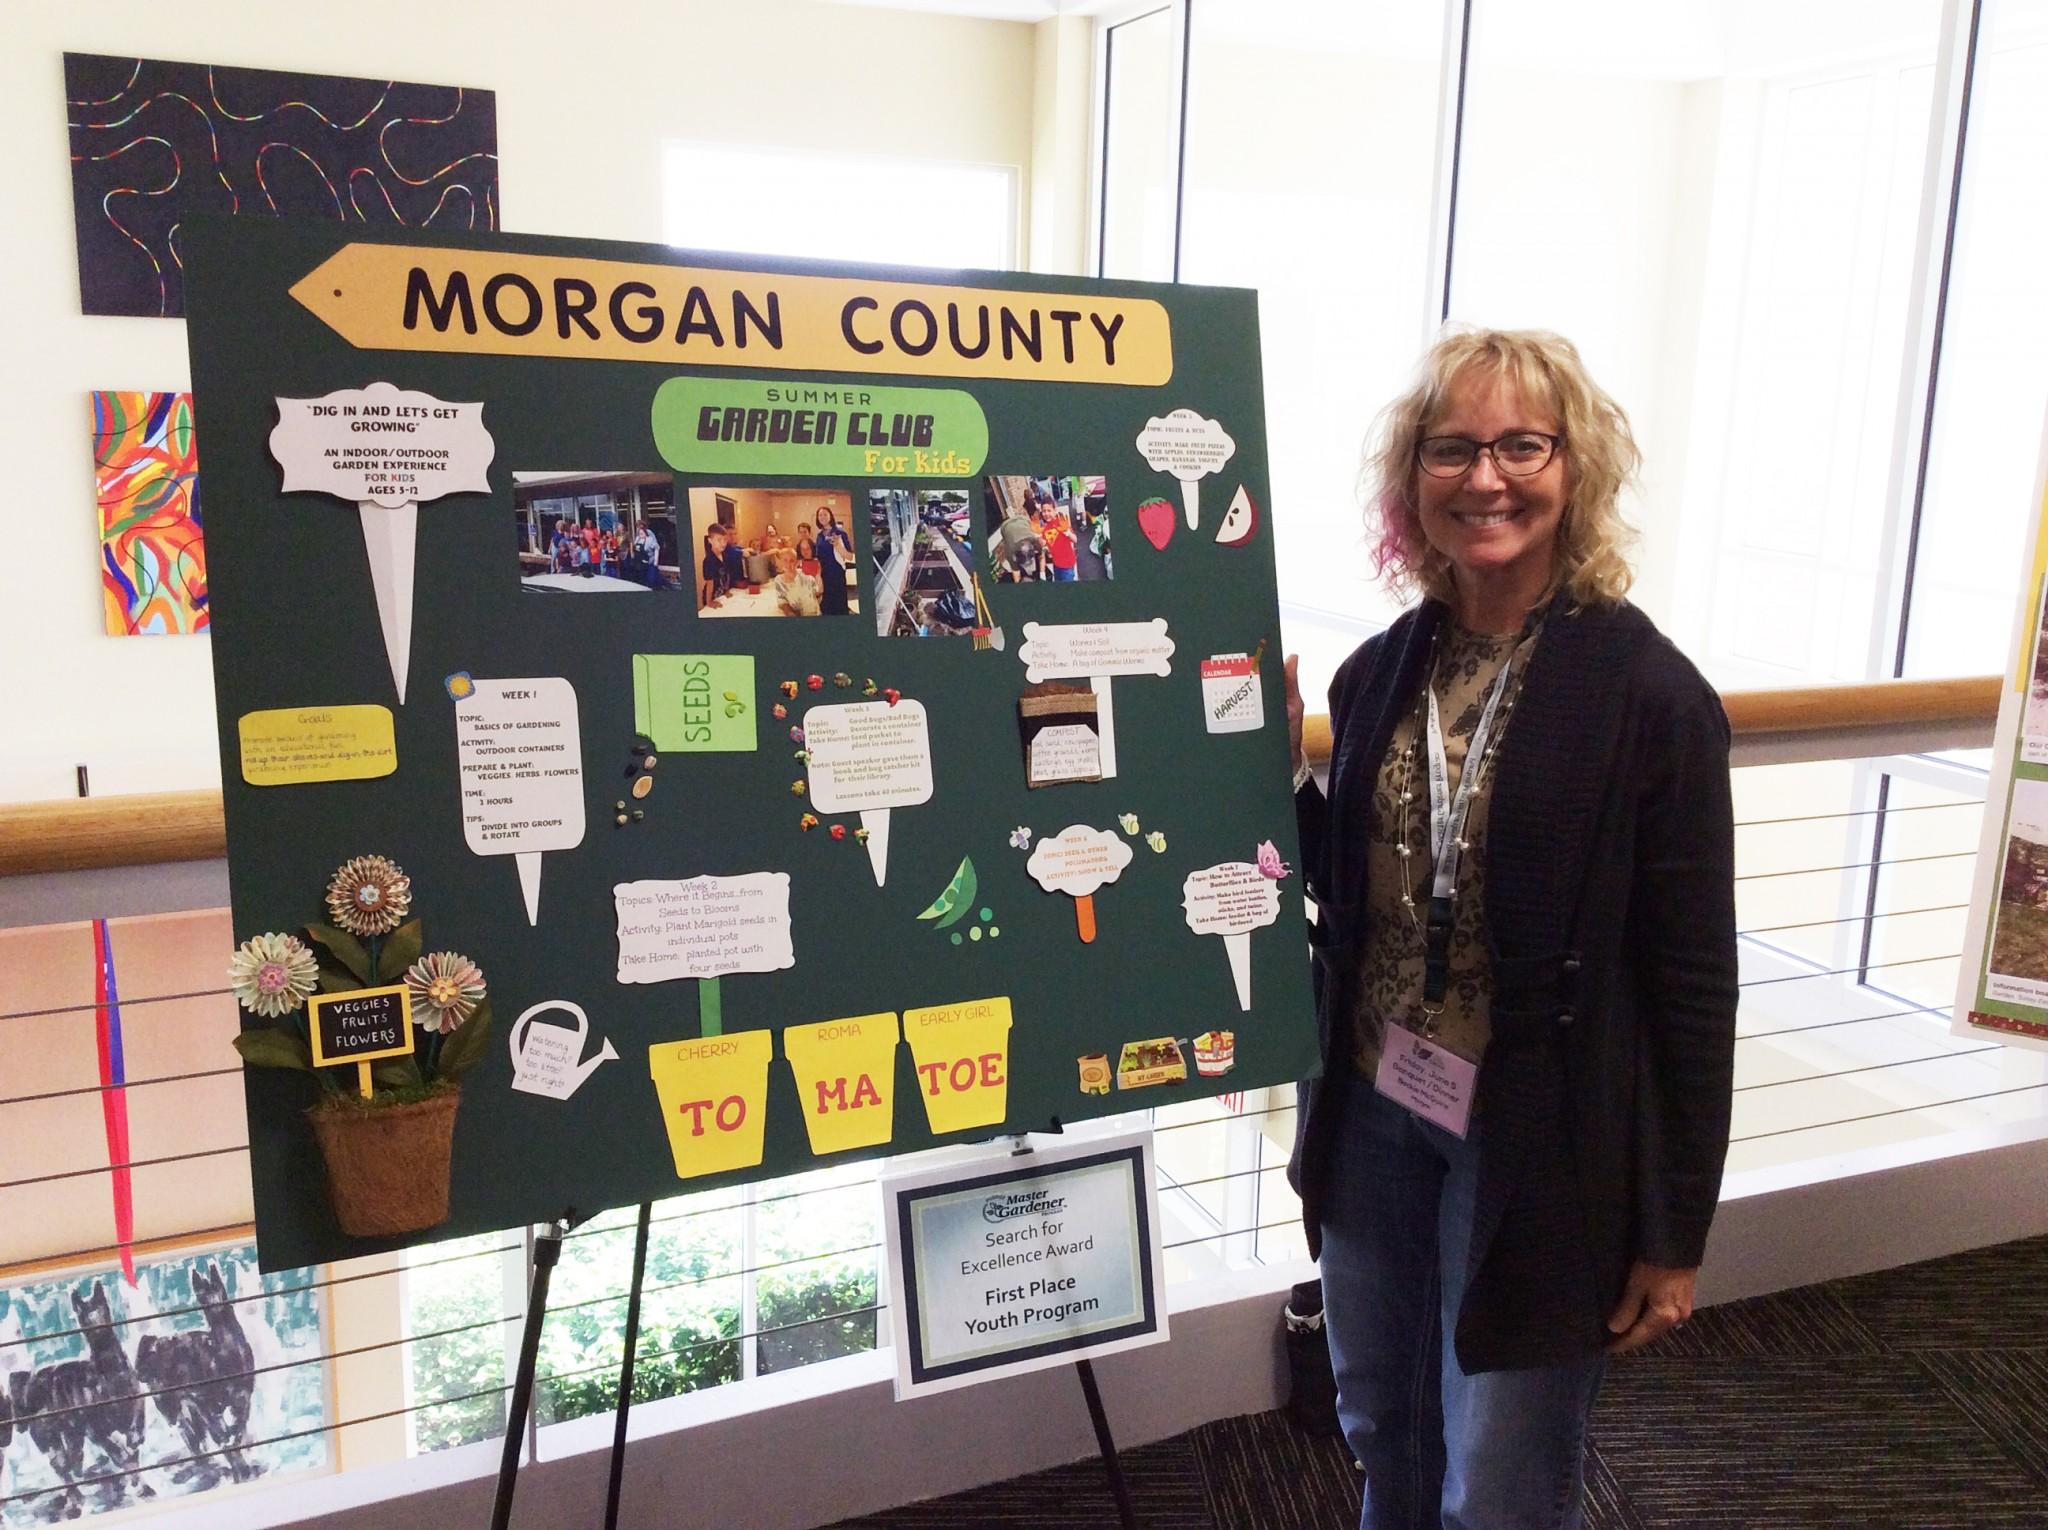 Morgon County Kids Garden Club